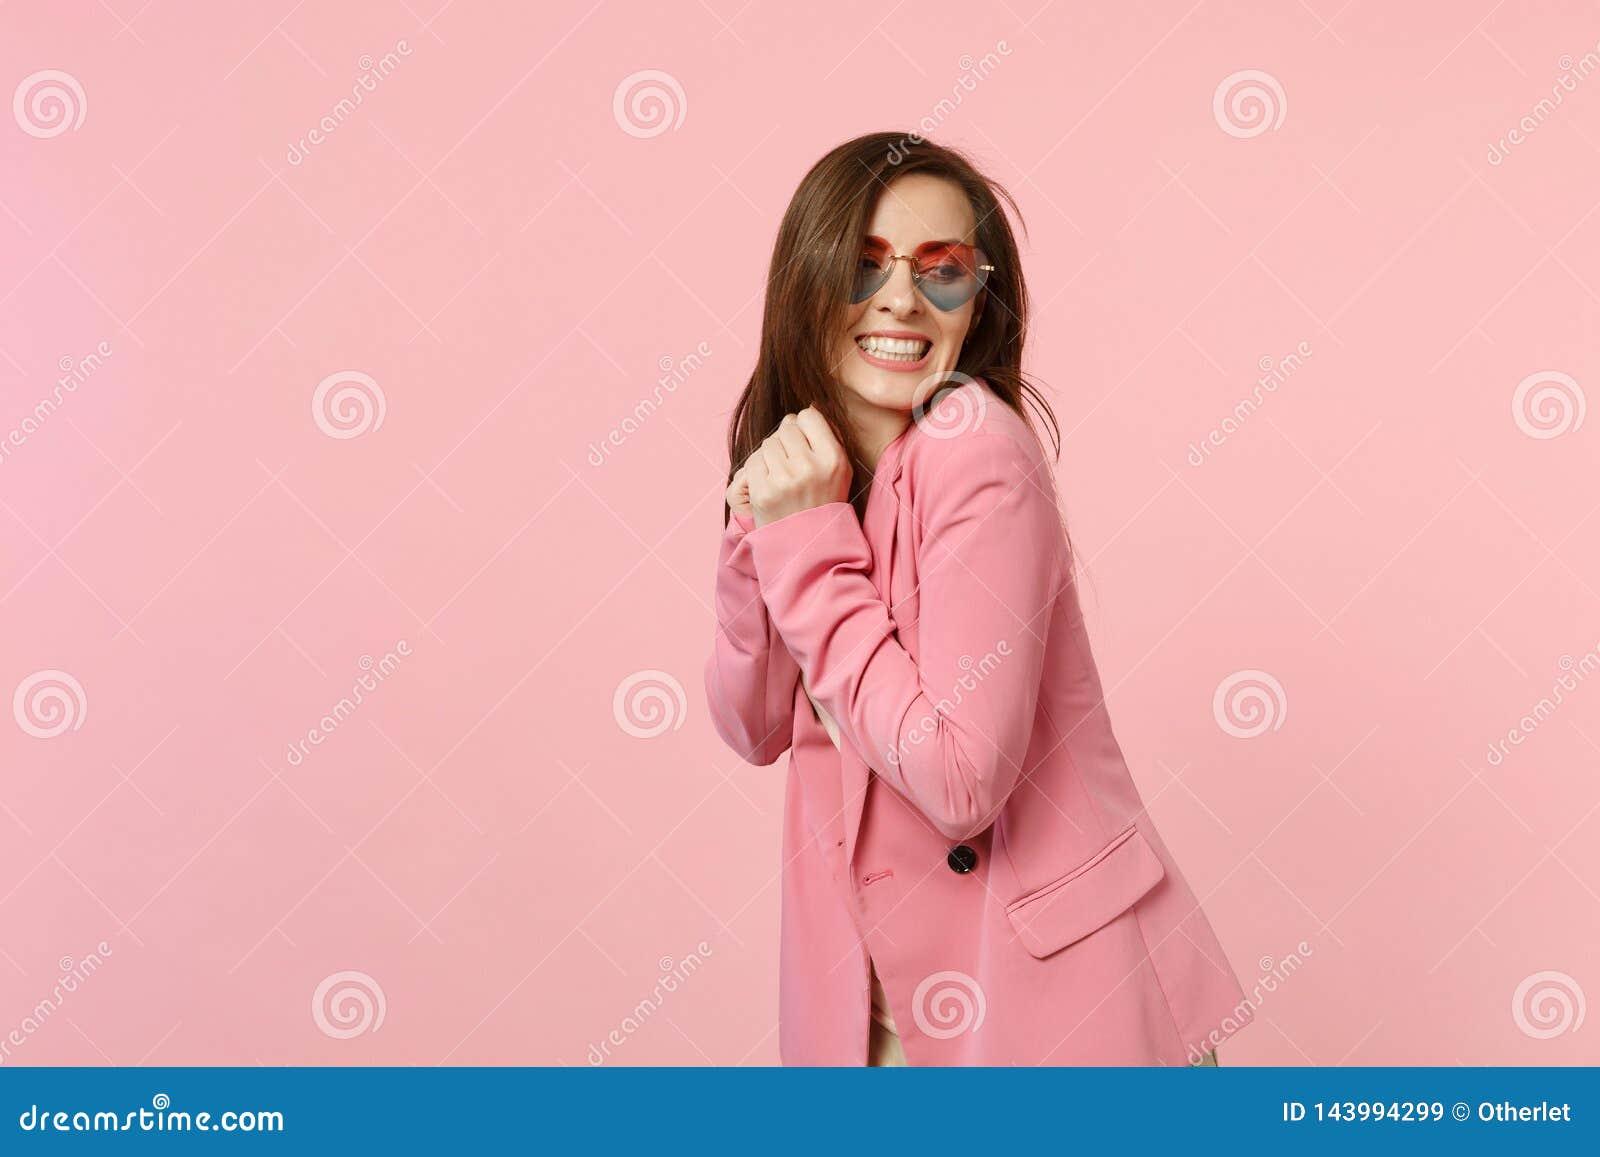 Πορτρέτο του χαμόγελου της αρκετά όμορφης νέας γυναίκας στα γυαλιά καρδιών που στέκονται, που φαίνεται κατά μέρος απομονωμένο στο